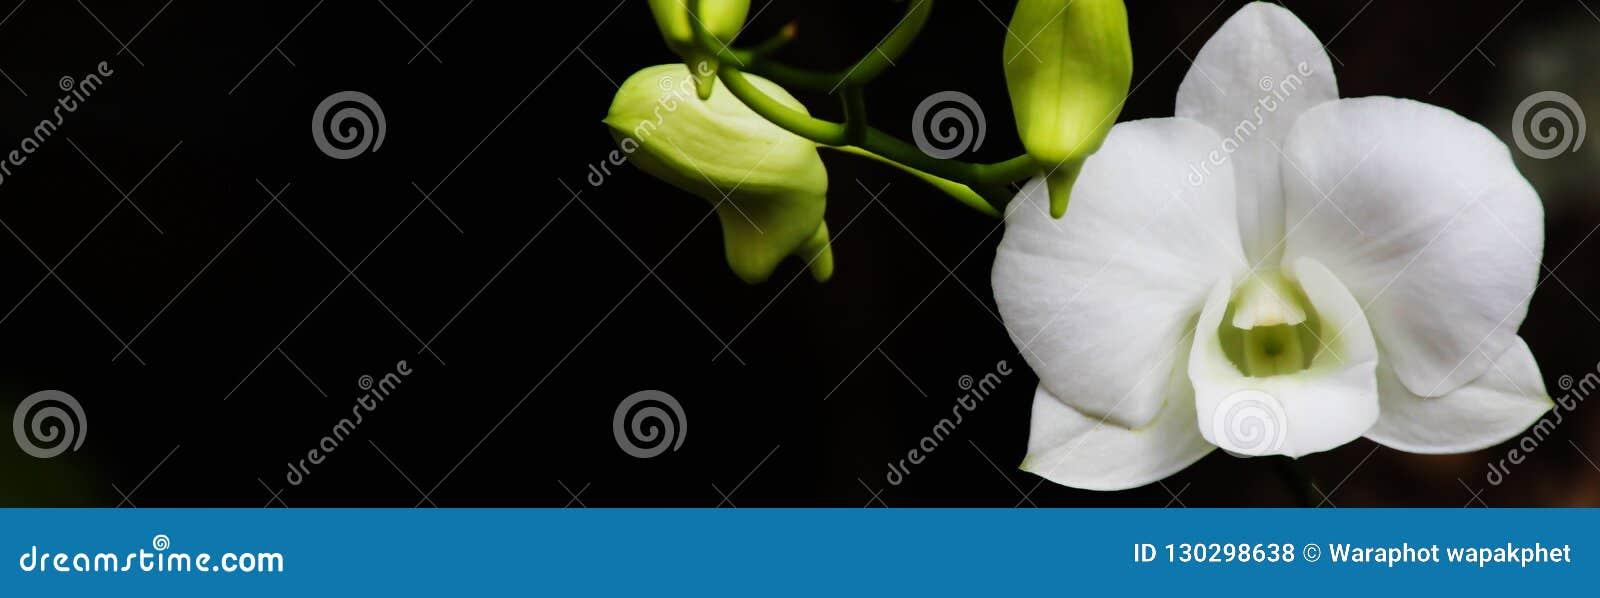 横幅大小自然,兰花背景